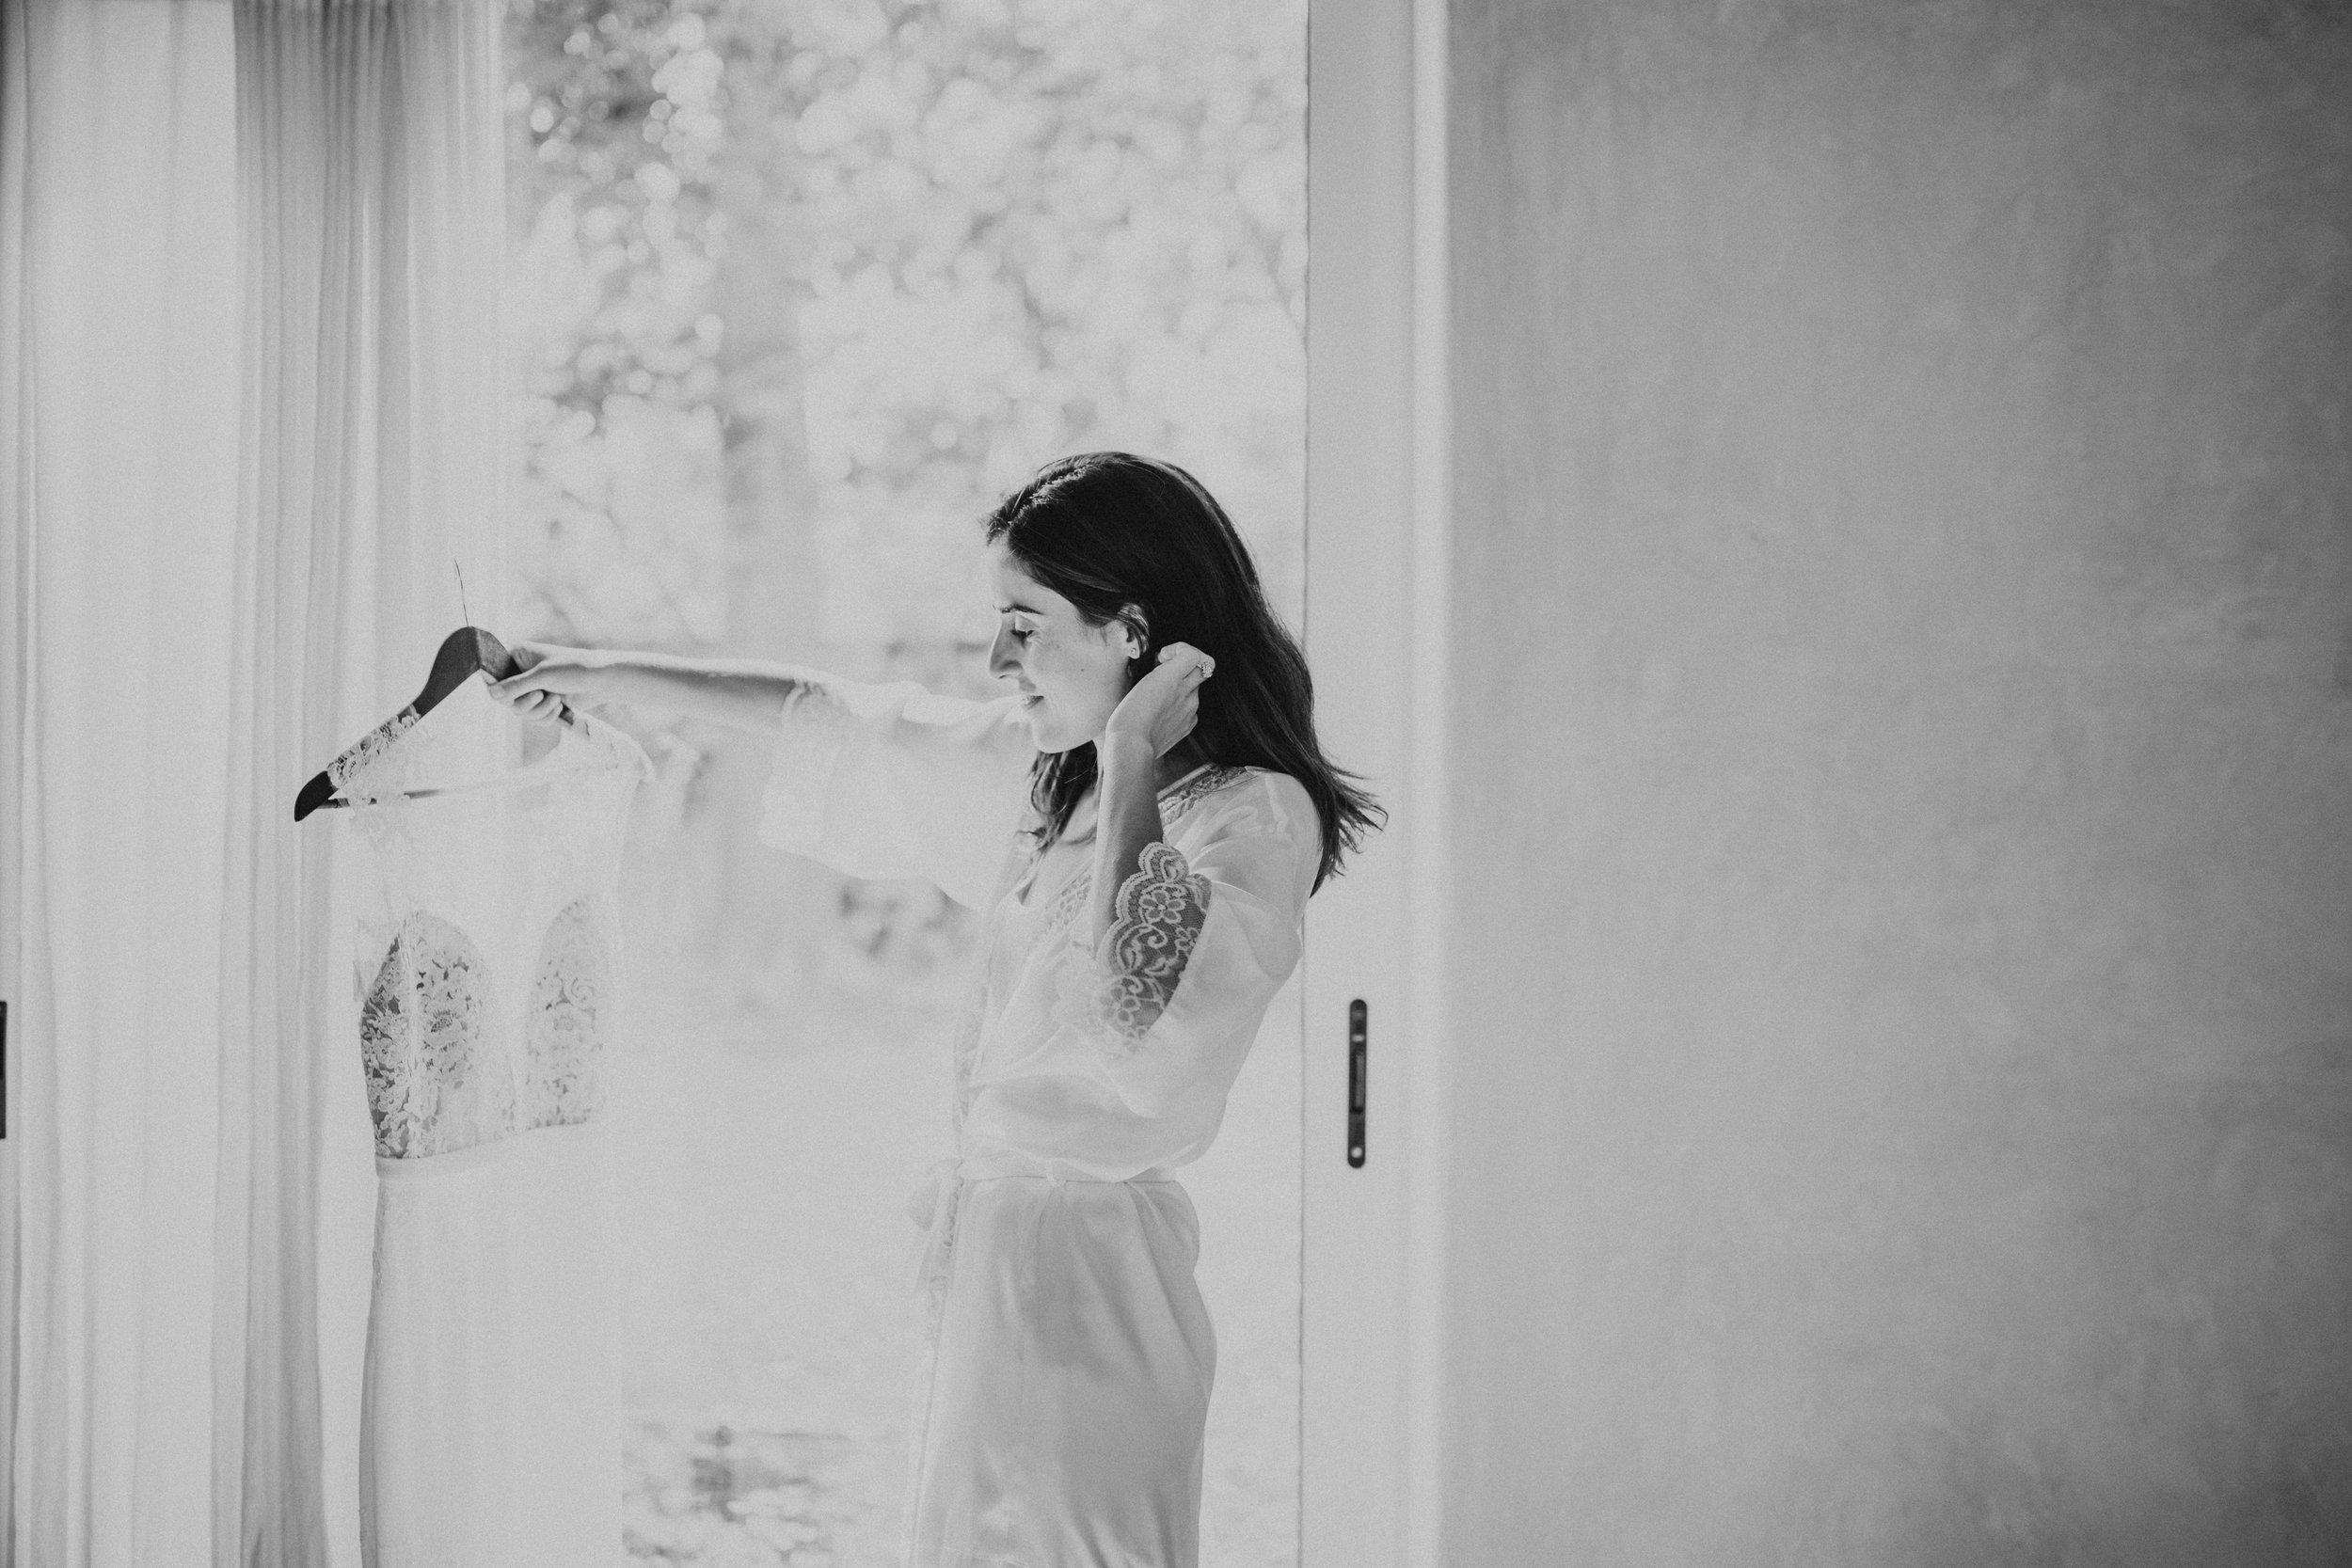 1 Getting ready Tina Kai Merida Mexico Wedding  (108 of 221).jpg